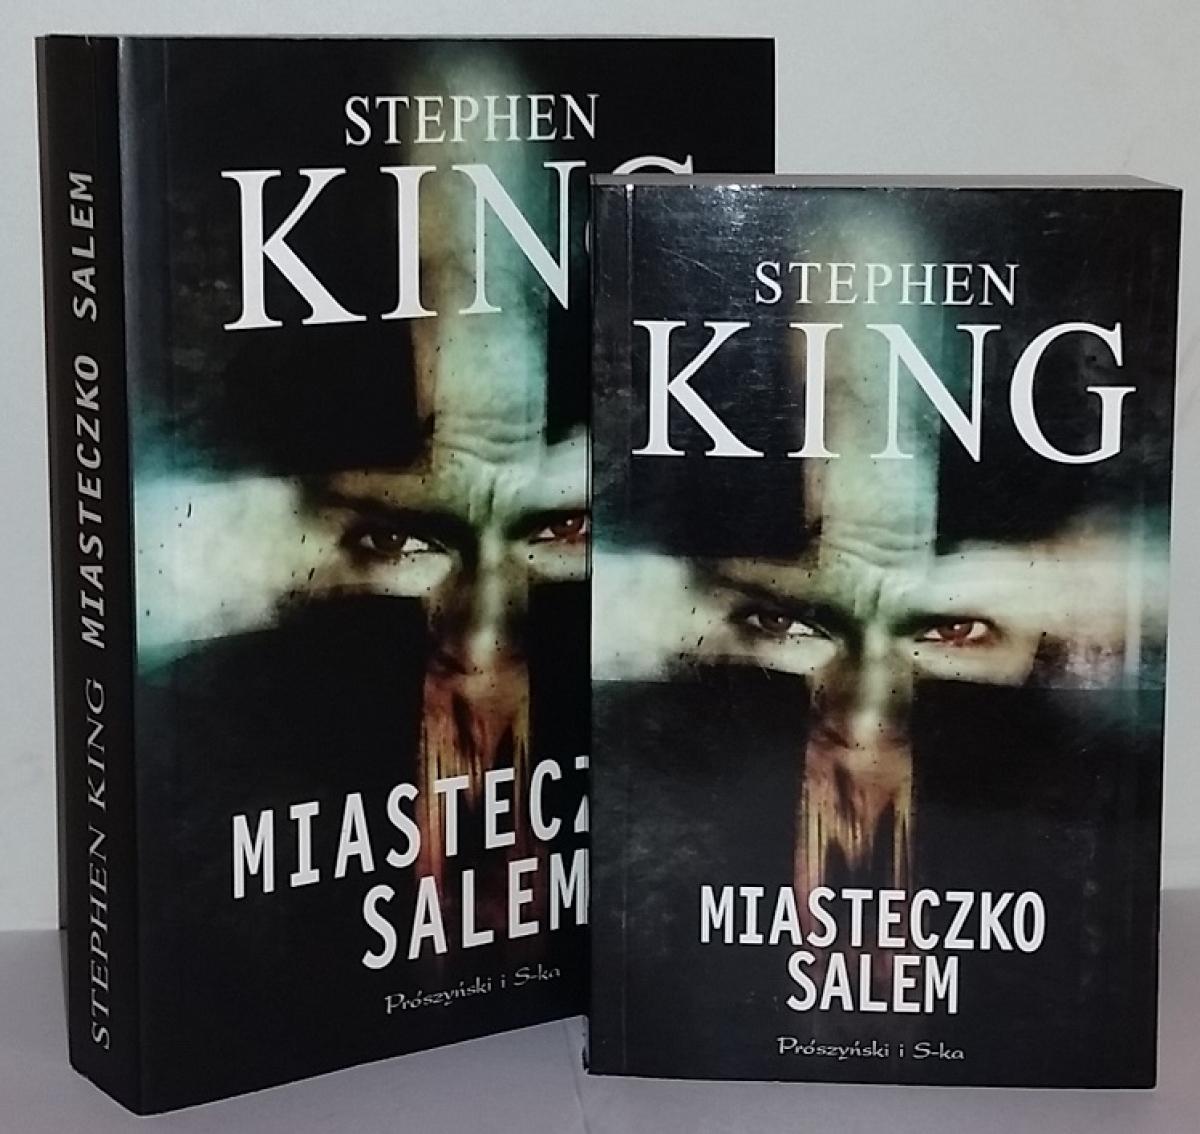 """""""Miasteczko Salem"""" - książka w wydaniu standardowym i kieszonkowym - obrazek"""